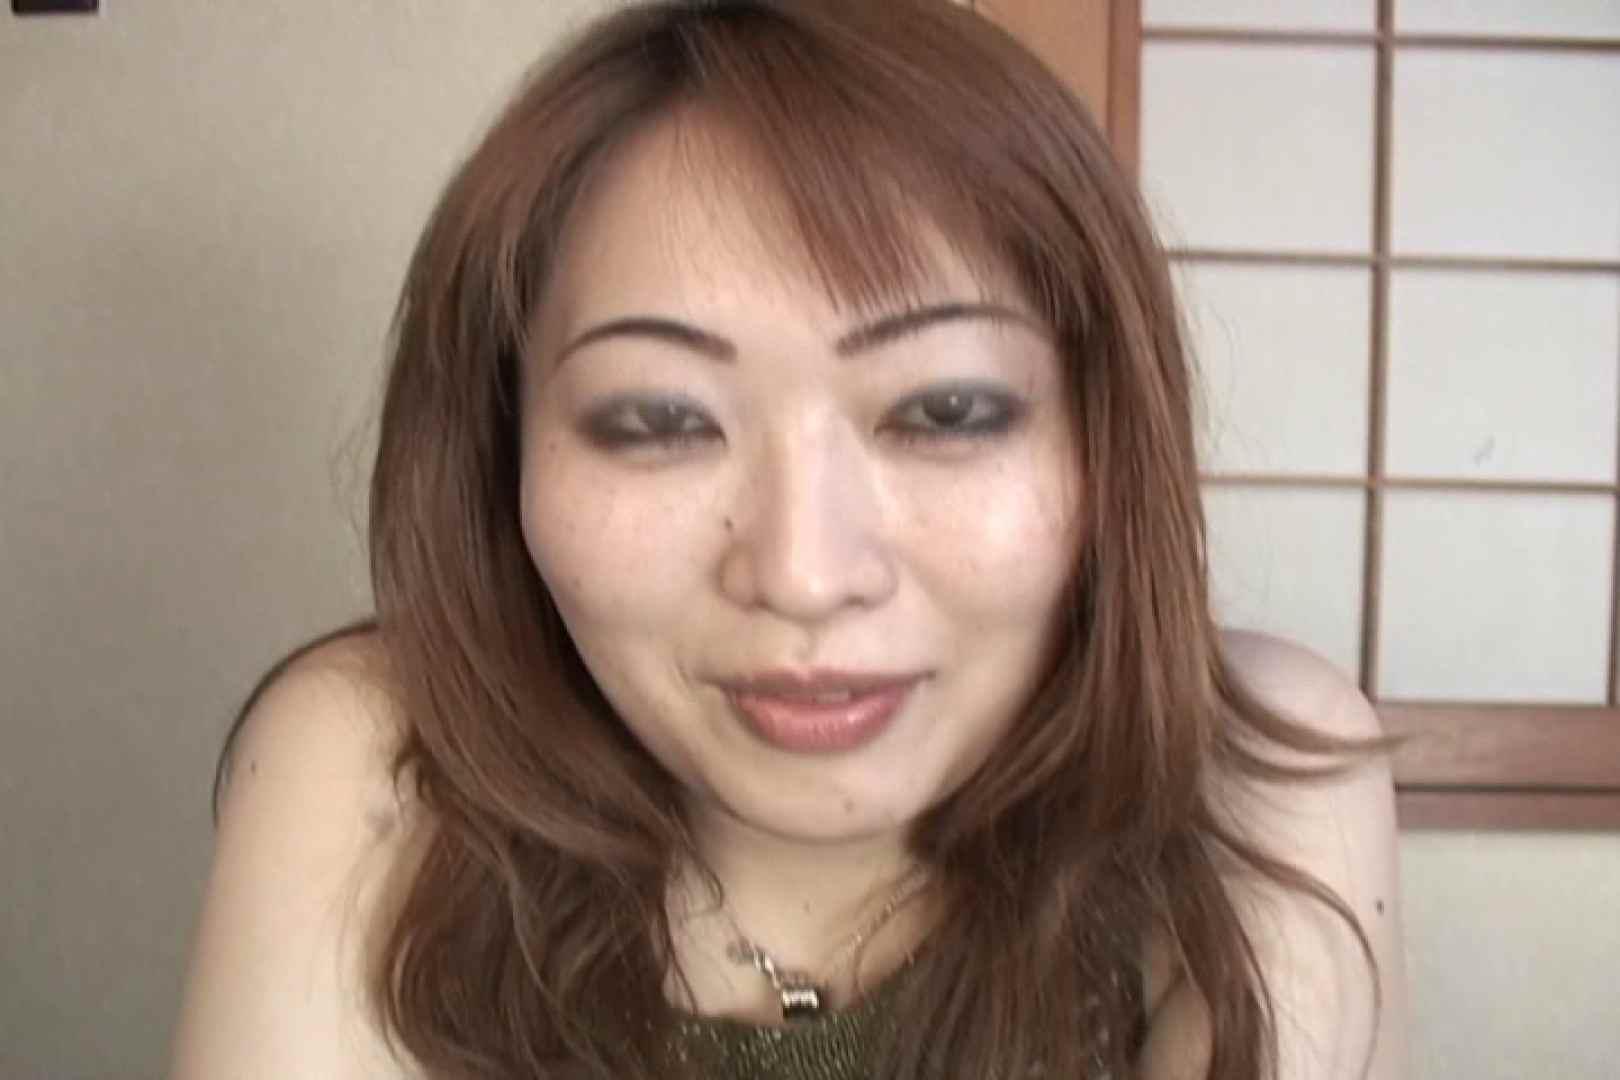 仕事で月200本のチンポを相手する22歳若人妻~桜井あい~ 人妻のエッチ  108pic 56